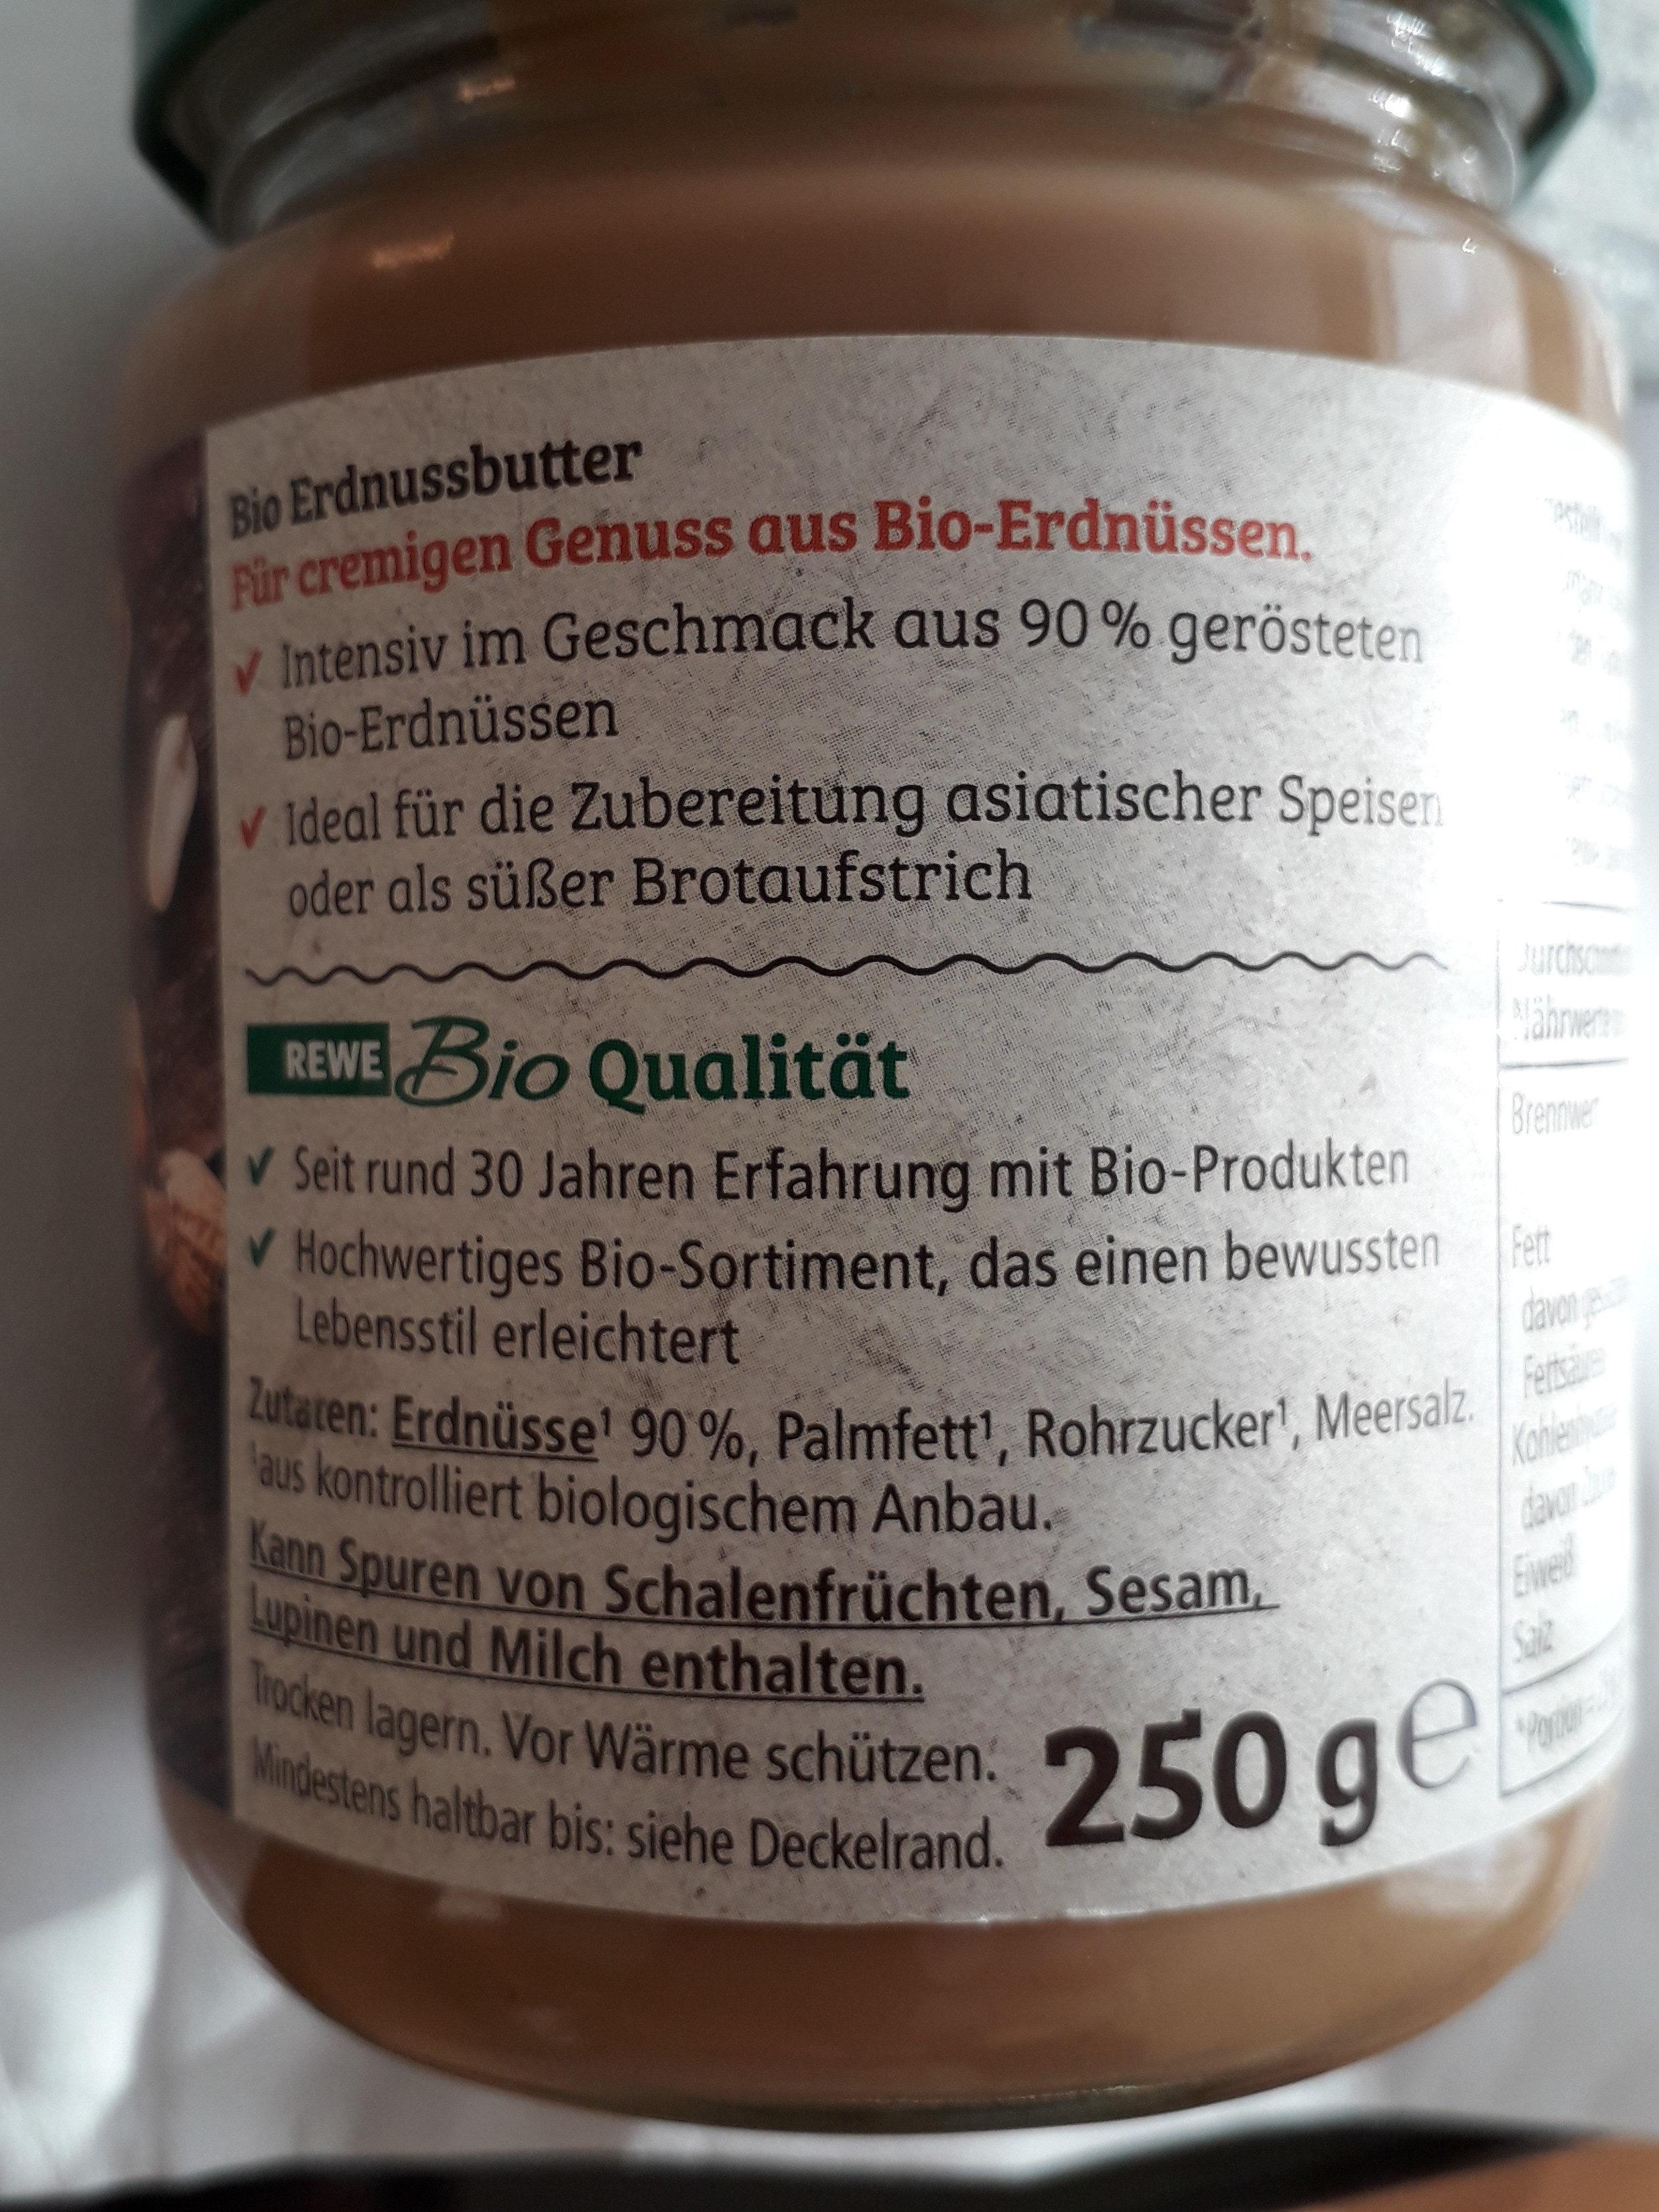 REWE Bio creamy Erdnussbutter - Ingredients - de